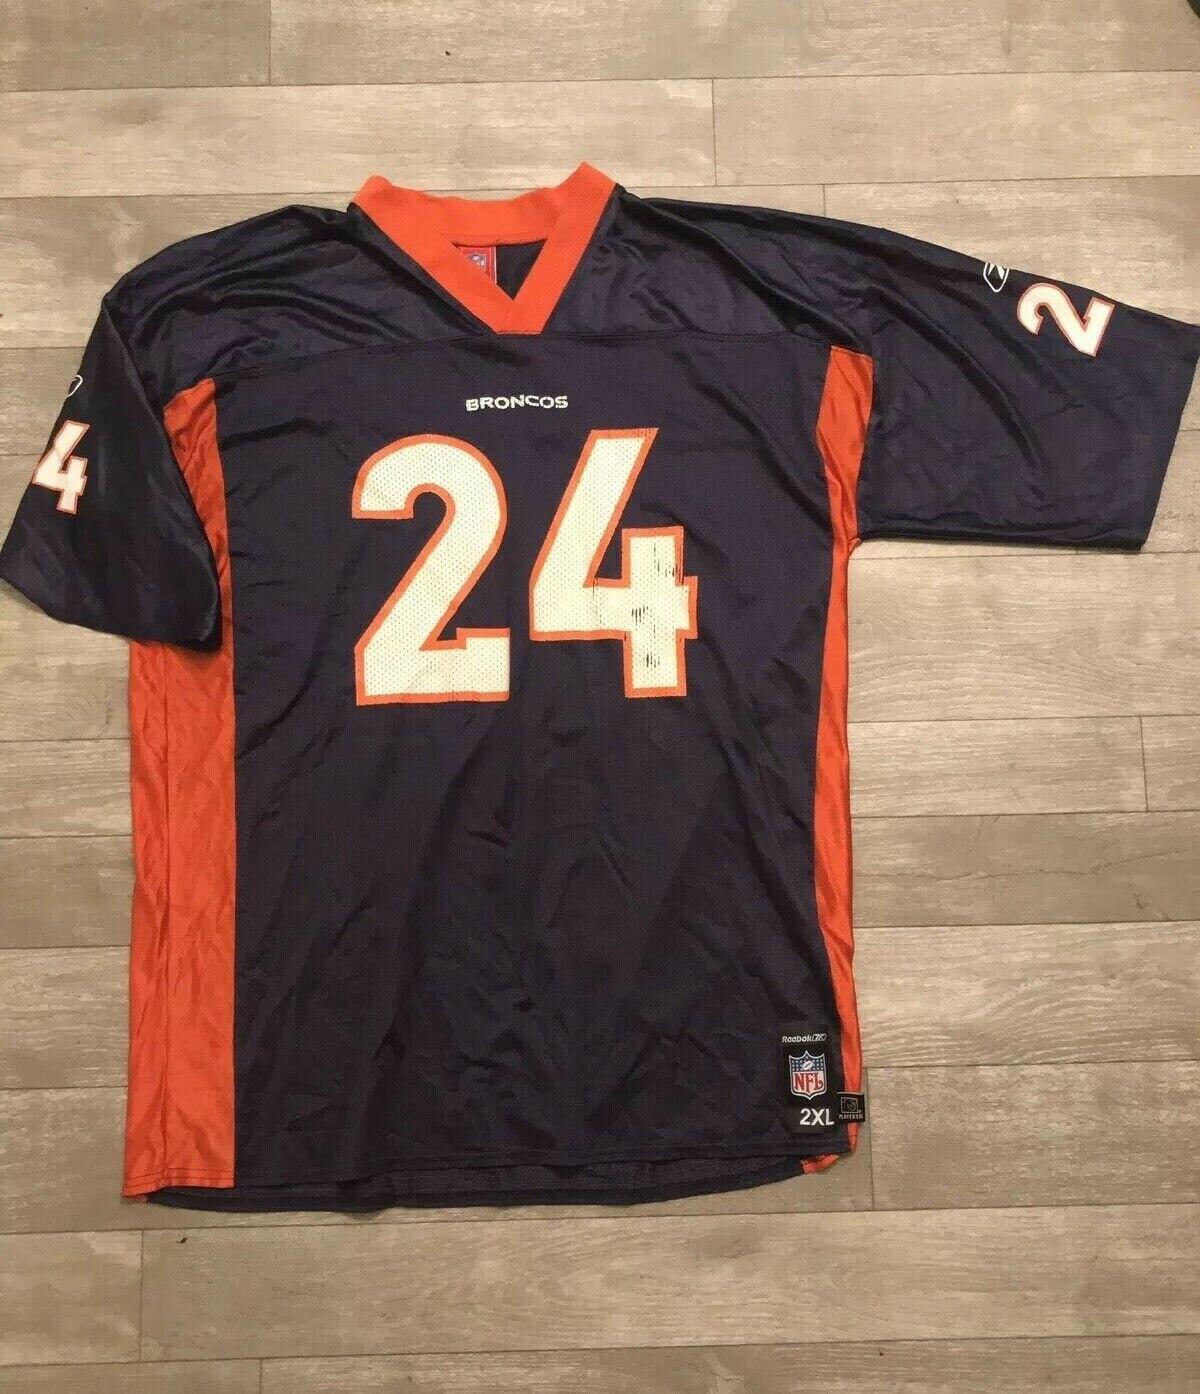 00 Reebok Denver Broncos Champ Bailey Jersey Vintage Mens Size 2XL Football VTG 2000s NFL, Vintage Clothing , Denver Broncos Memorabilia ,